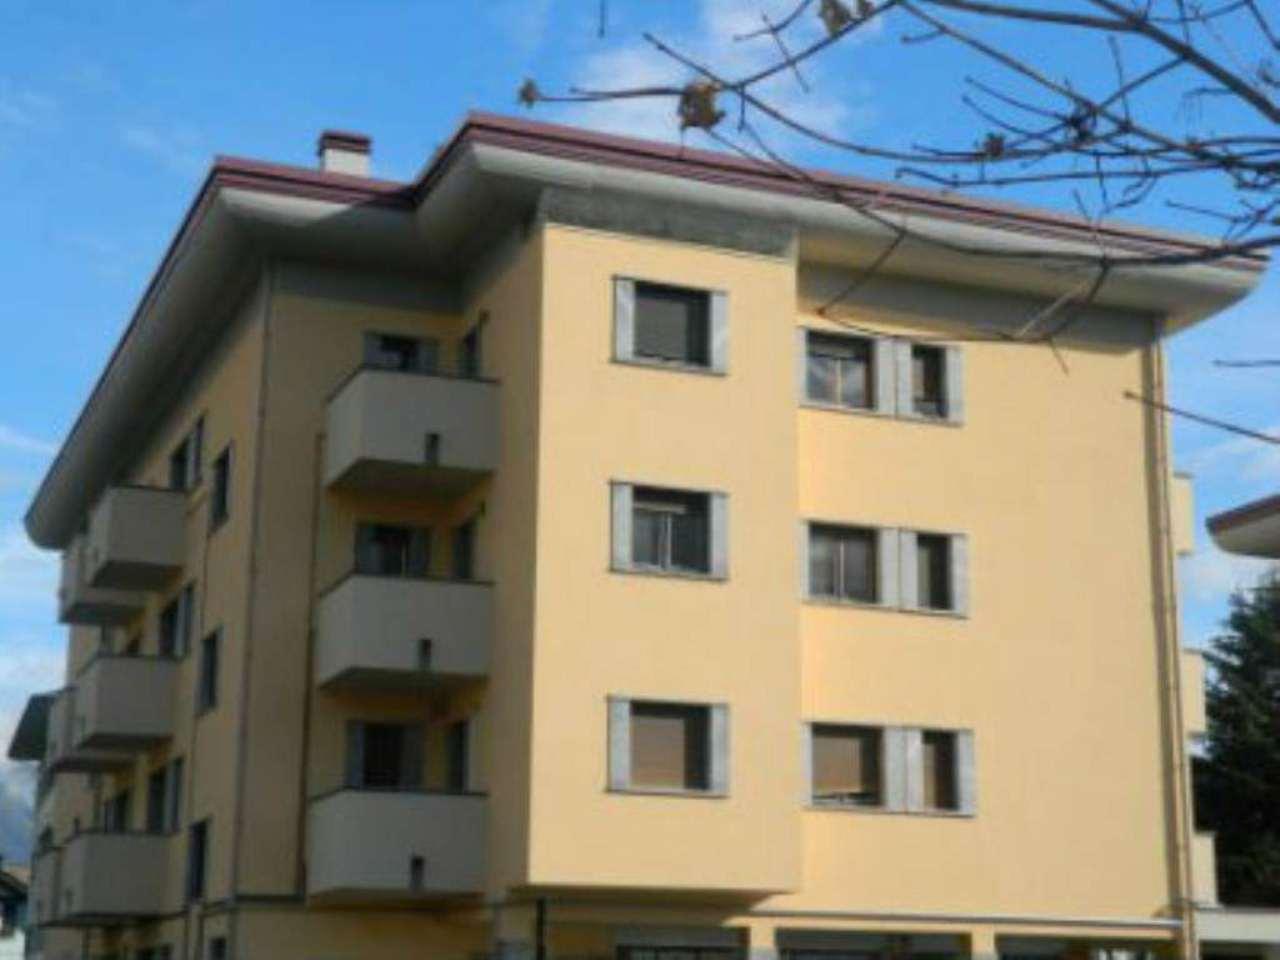 Ufficio / Studio in vendita a Sondrio, 4 locali, prezzo € 135.000 | CambioCasa.it